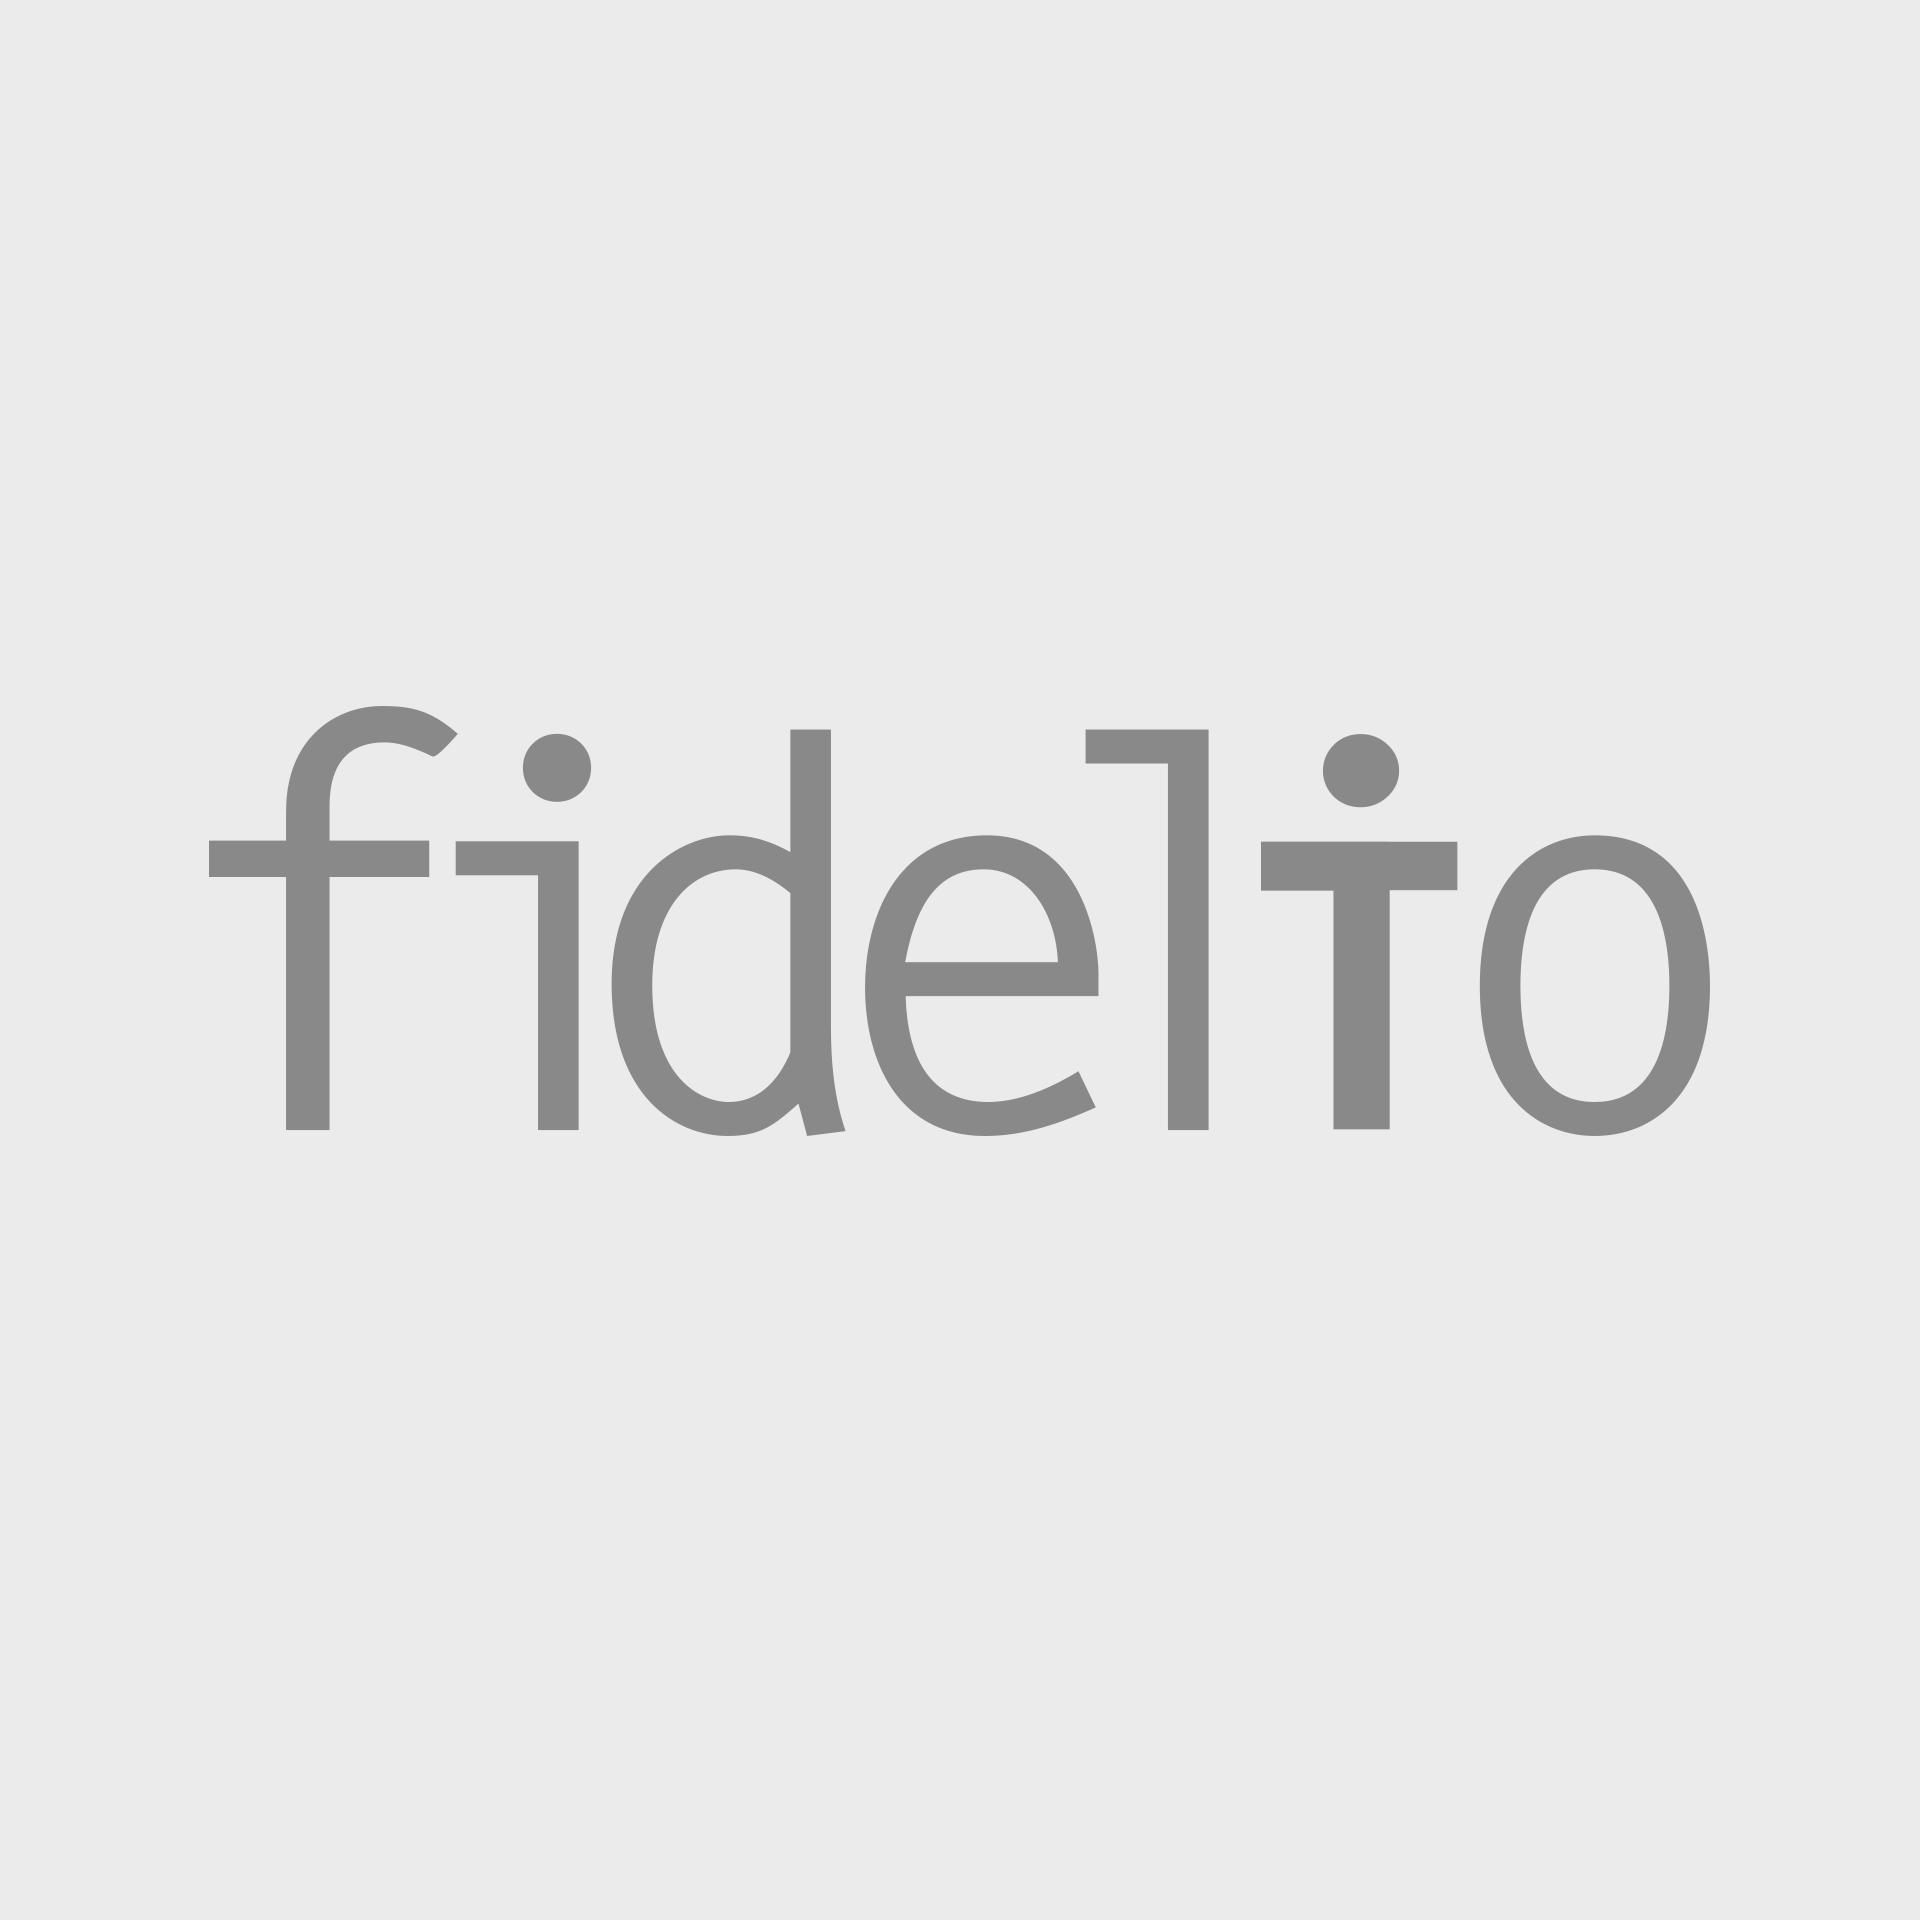 Marton László lemondott főrendezői állásáról - újabb áldozatok jelentkeztek